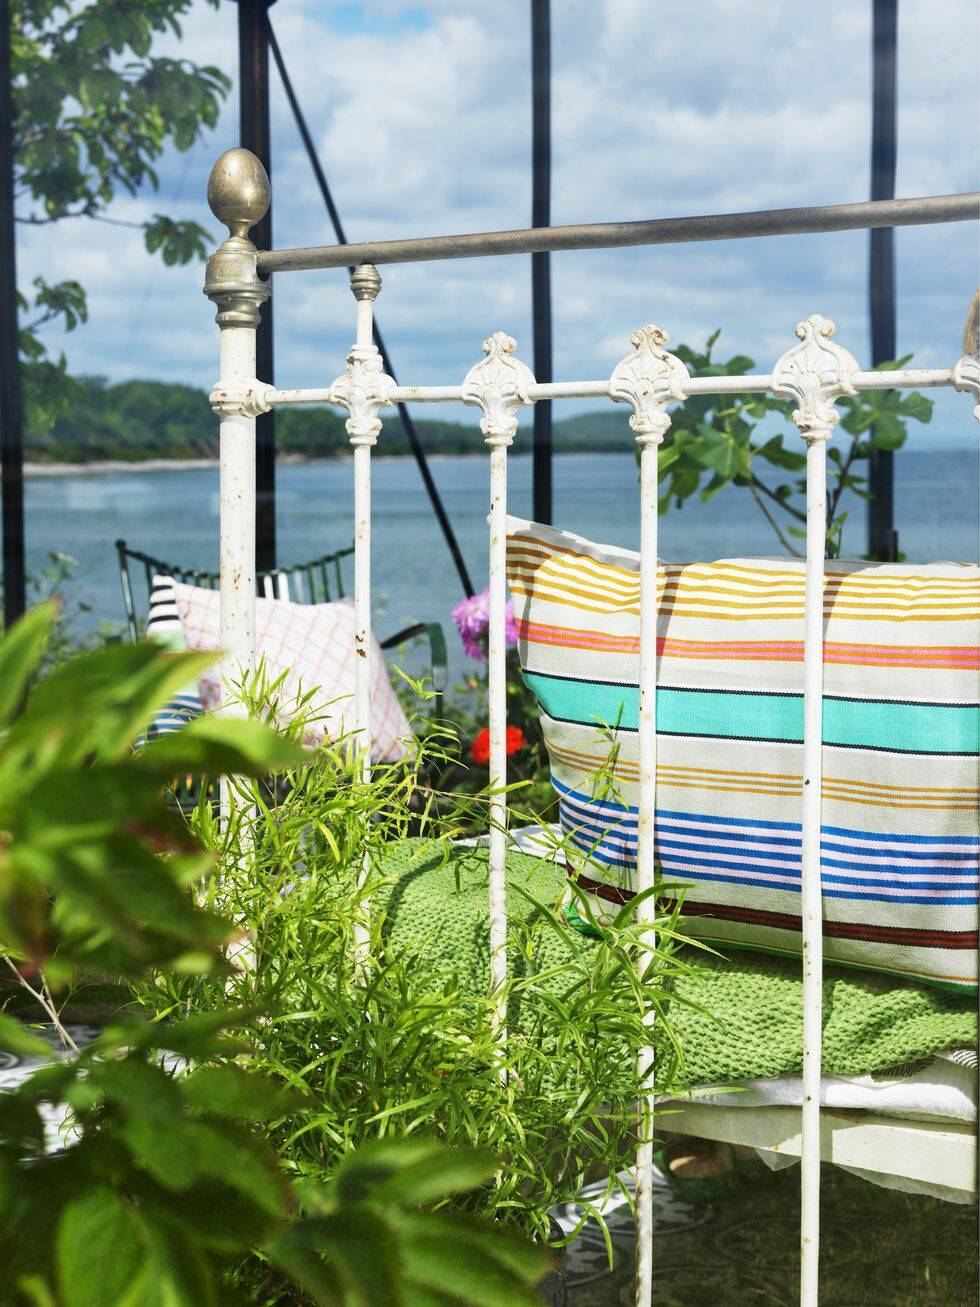 Så här skapar du sommarens snyggaste och mest avkopplande växthus